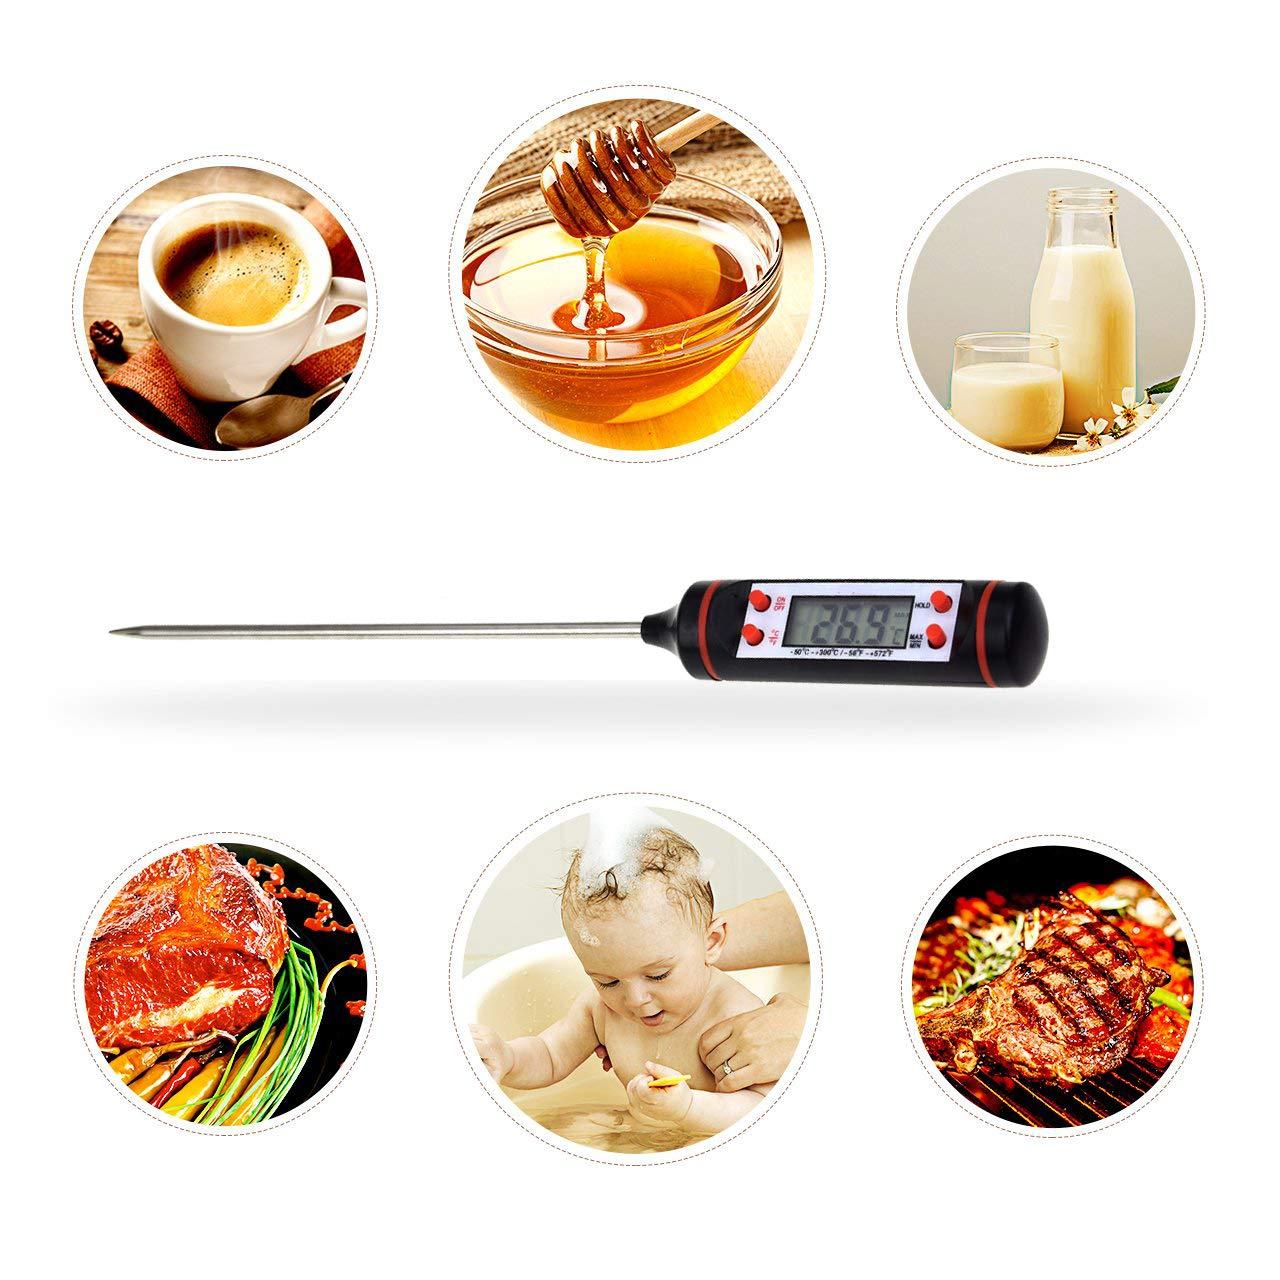 BBQ Leche Comida DXIA Term/ómetro Carne Digital Agua de Ba/ño Caramelo Pavo Sonda S/úper Larga Lectura Instant/ánea de 5s con Bot/ón de /° C // /° F Term/ómetro Cocina para Cocina